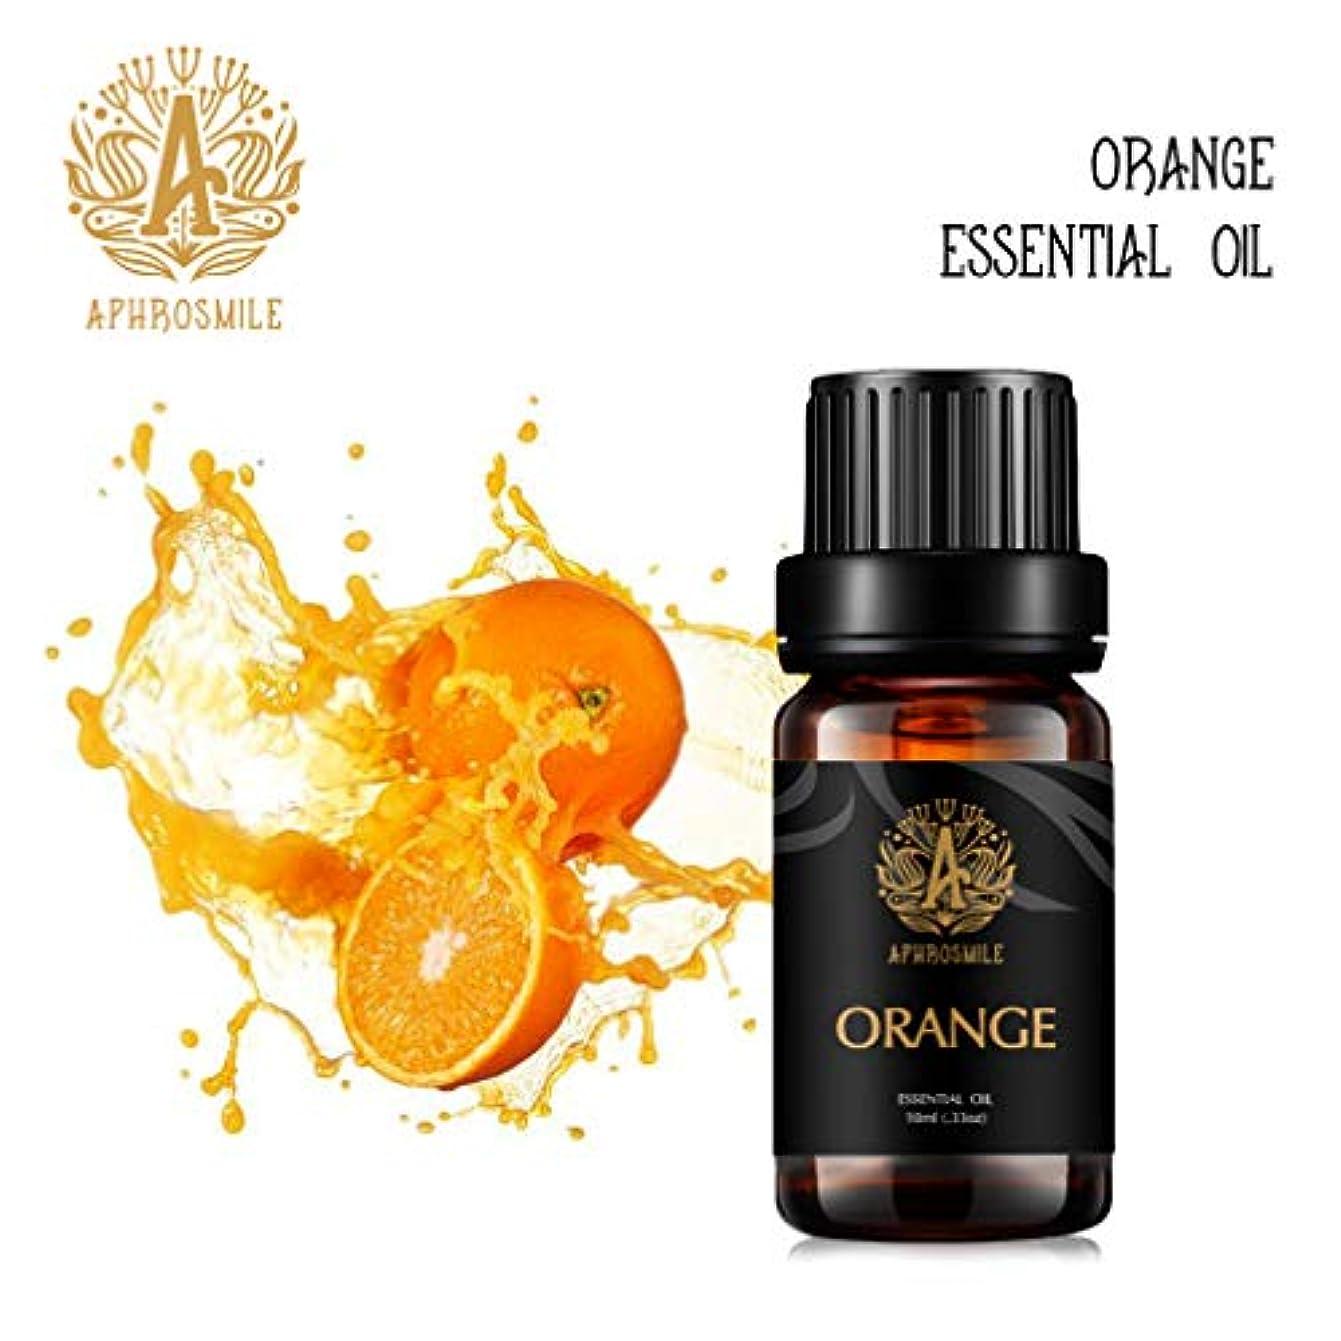 覆す肺漏斗ディフューザー用アロマセラピーオレンジエッセンシャルオイル、加湿器用100%ピュアオレンジエッセンシャルオイルフレグランス、治療グレードのオレンジエッセンシャルオイルはマッサージに使用されます。家庭用0.33oz-10ml